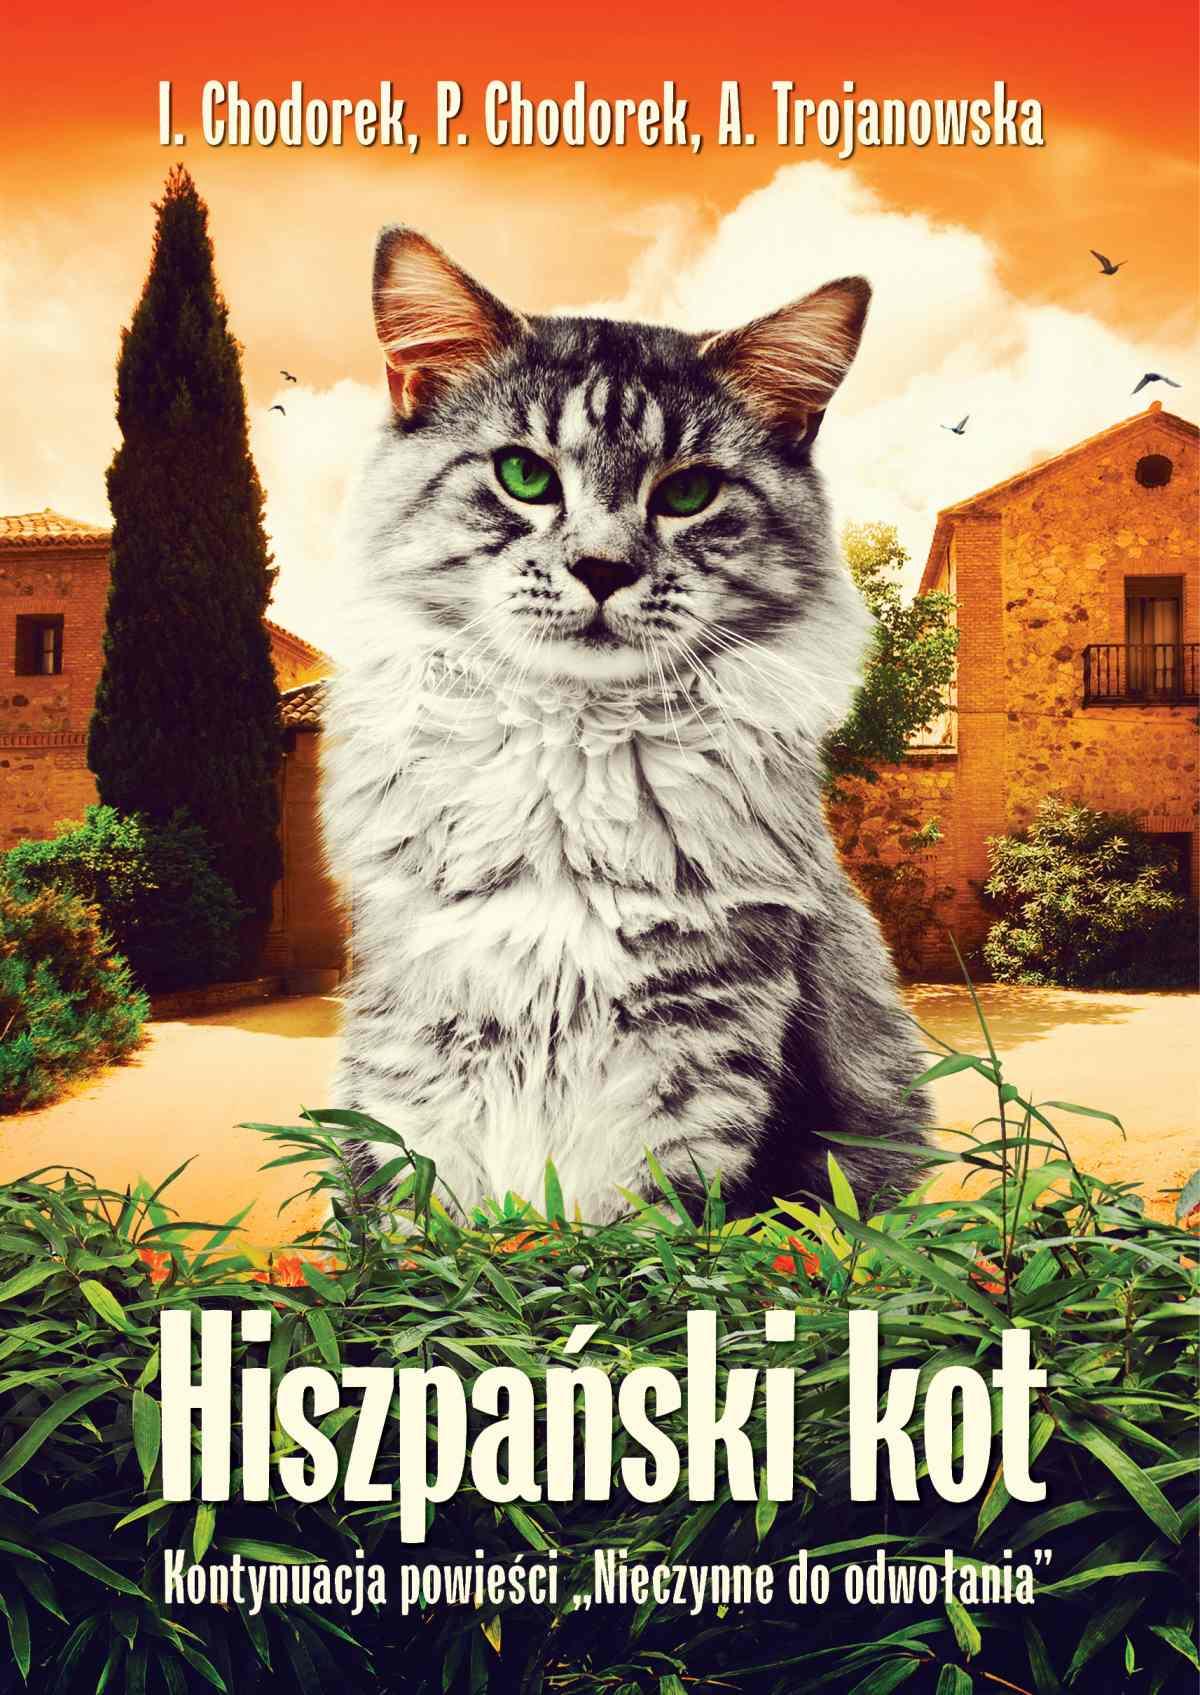 Hiszpański kot - Ebook (Książka EPUB) do pobrania w formacie EPUB